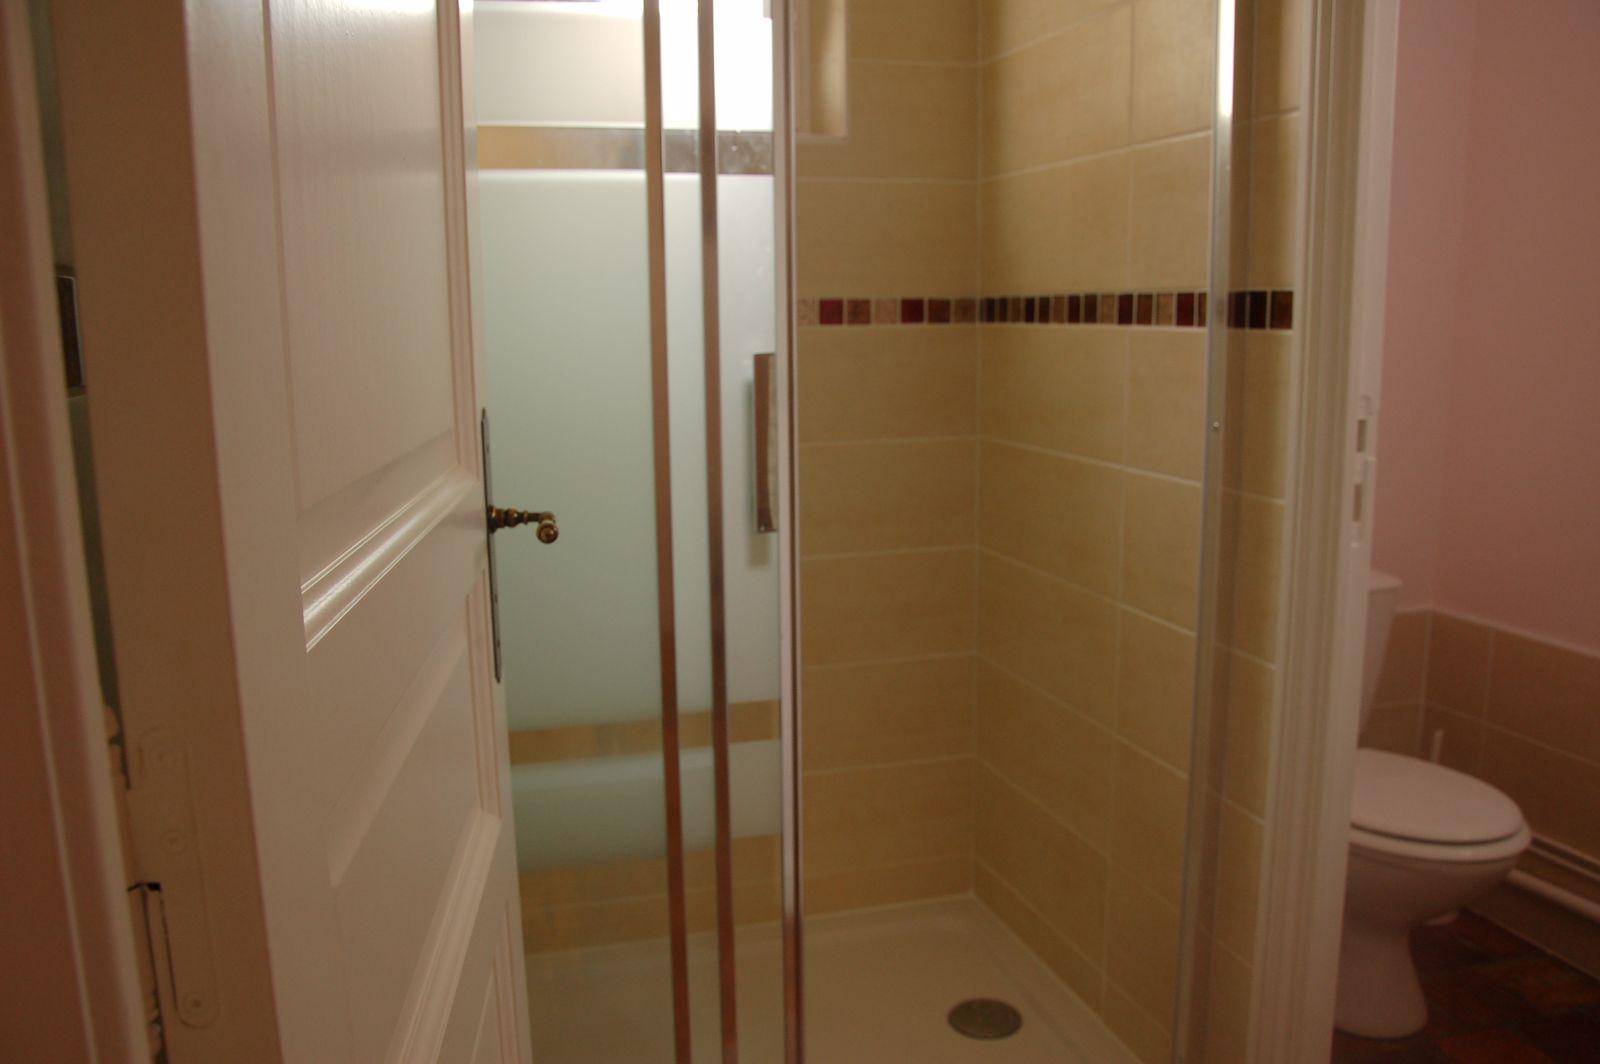 Salle-du-bas, avec douche, lavabo et toilettes. 51G465 - Le Cabanon Champenois - Ambonnay - Gîtes de France Marne